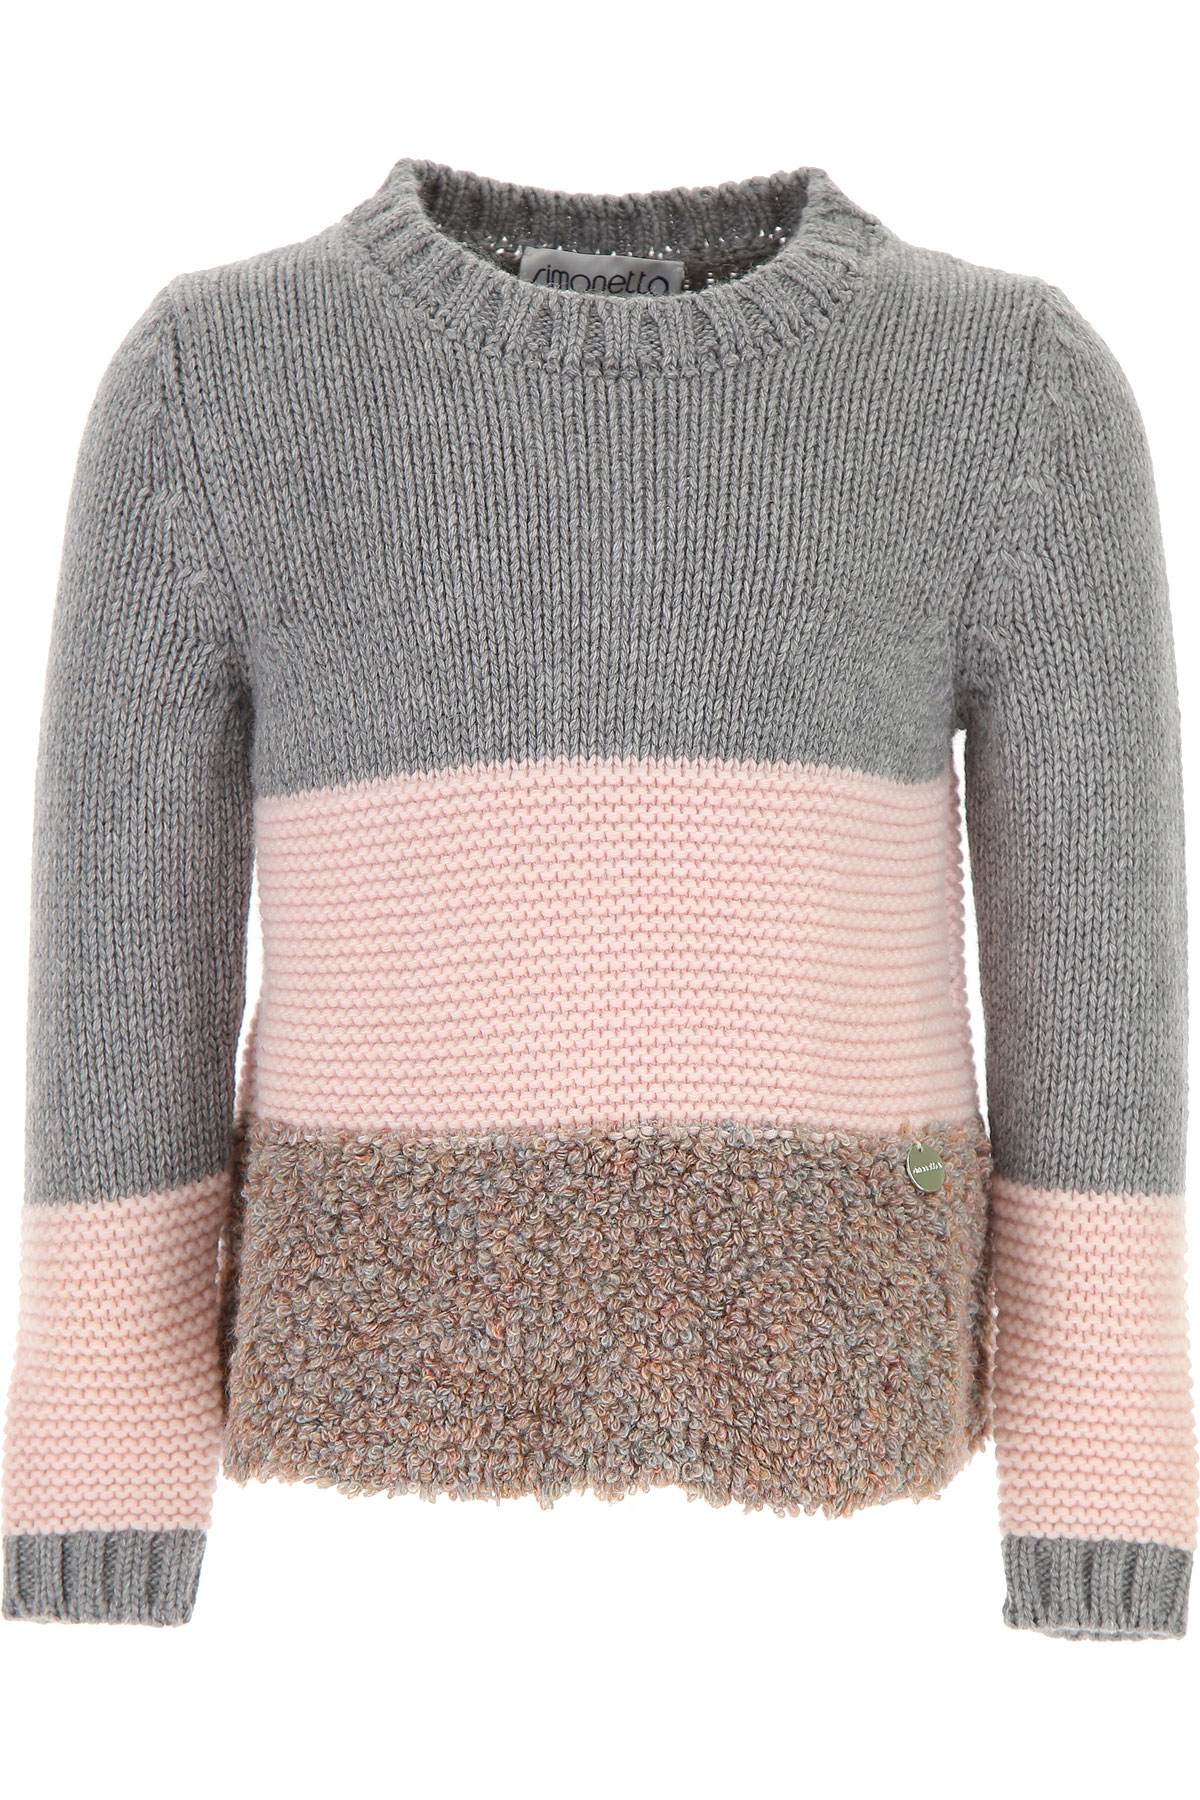 Image of Simonetta Kids Sweaters for Girls, Grey, Virgin wool, 2017, 2Y 4Y 6Y 8Y